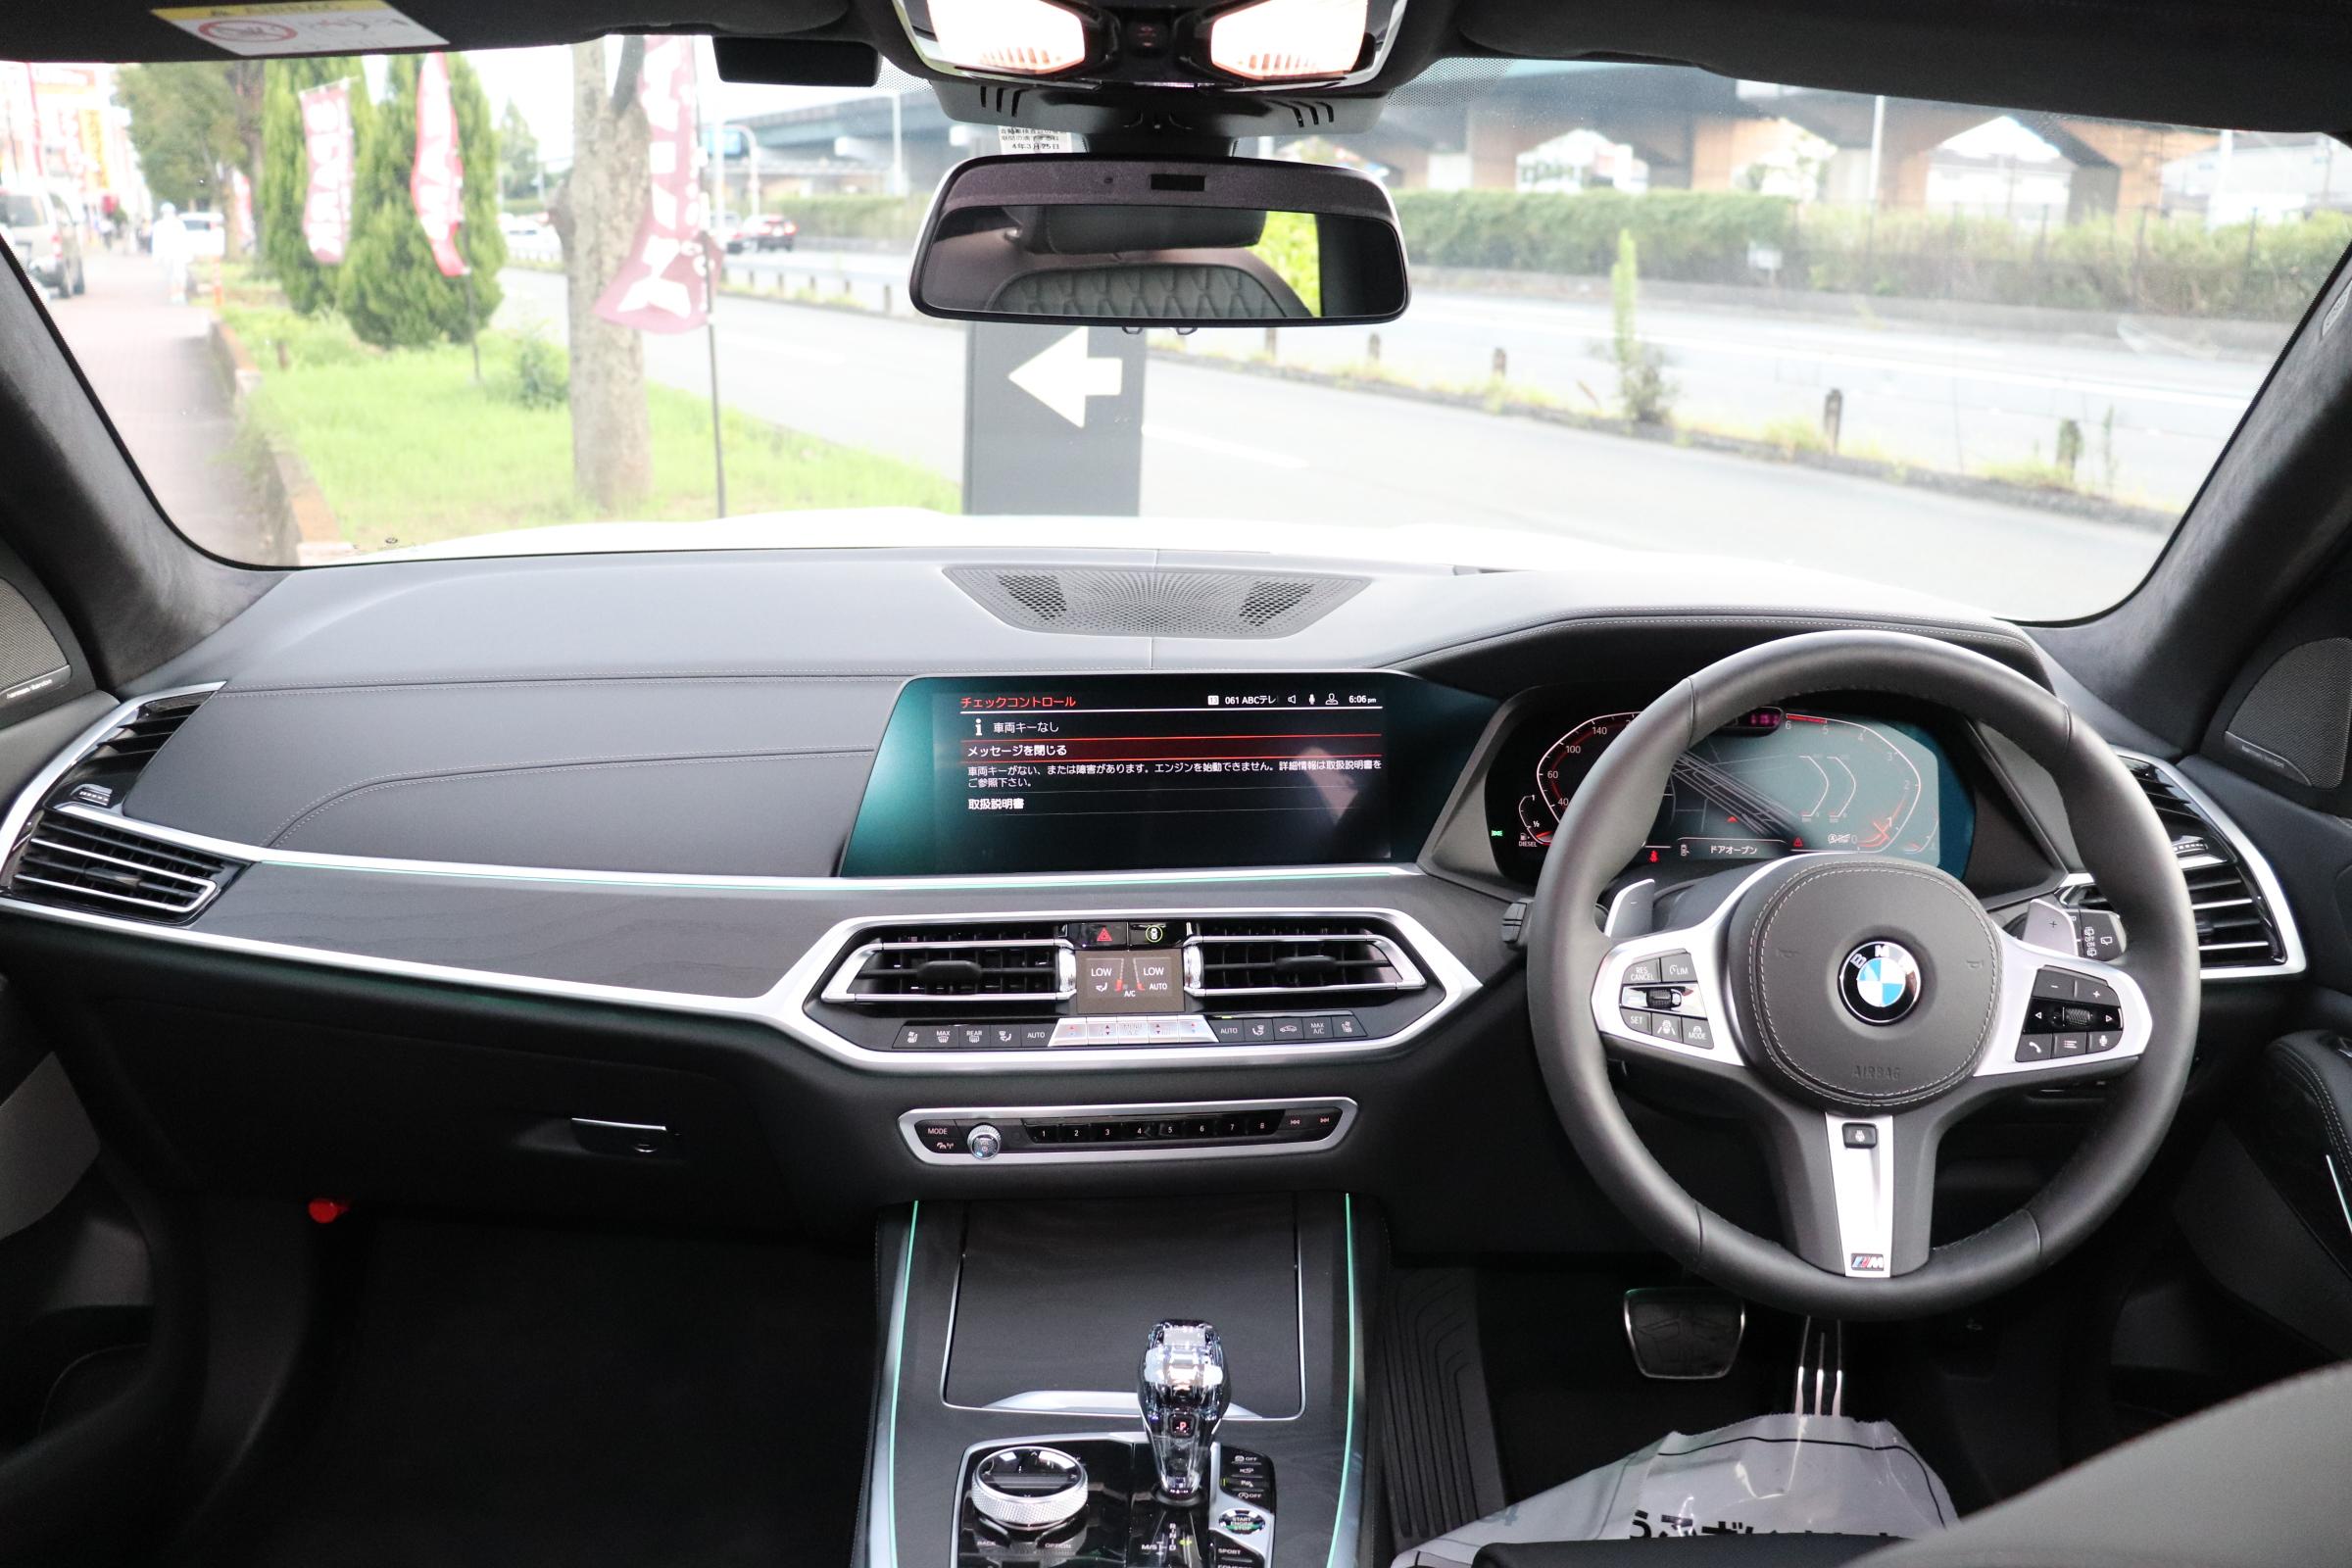 X7 xDrive35d Mスポーツ ウェルネスP スカイラウンジSR リアエンタメ車両画像10